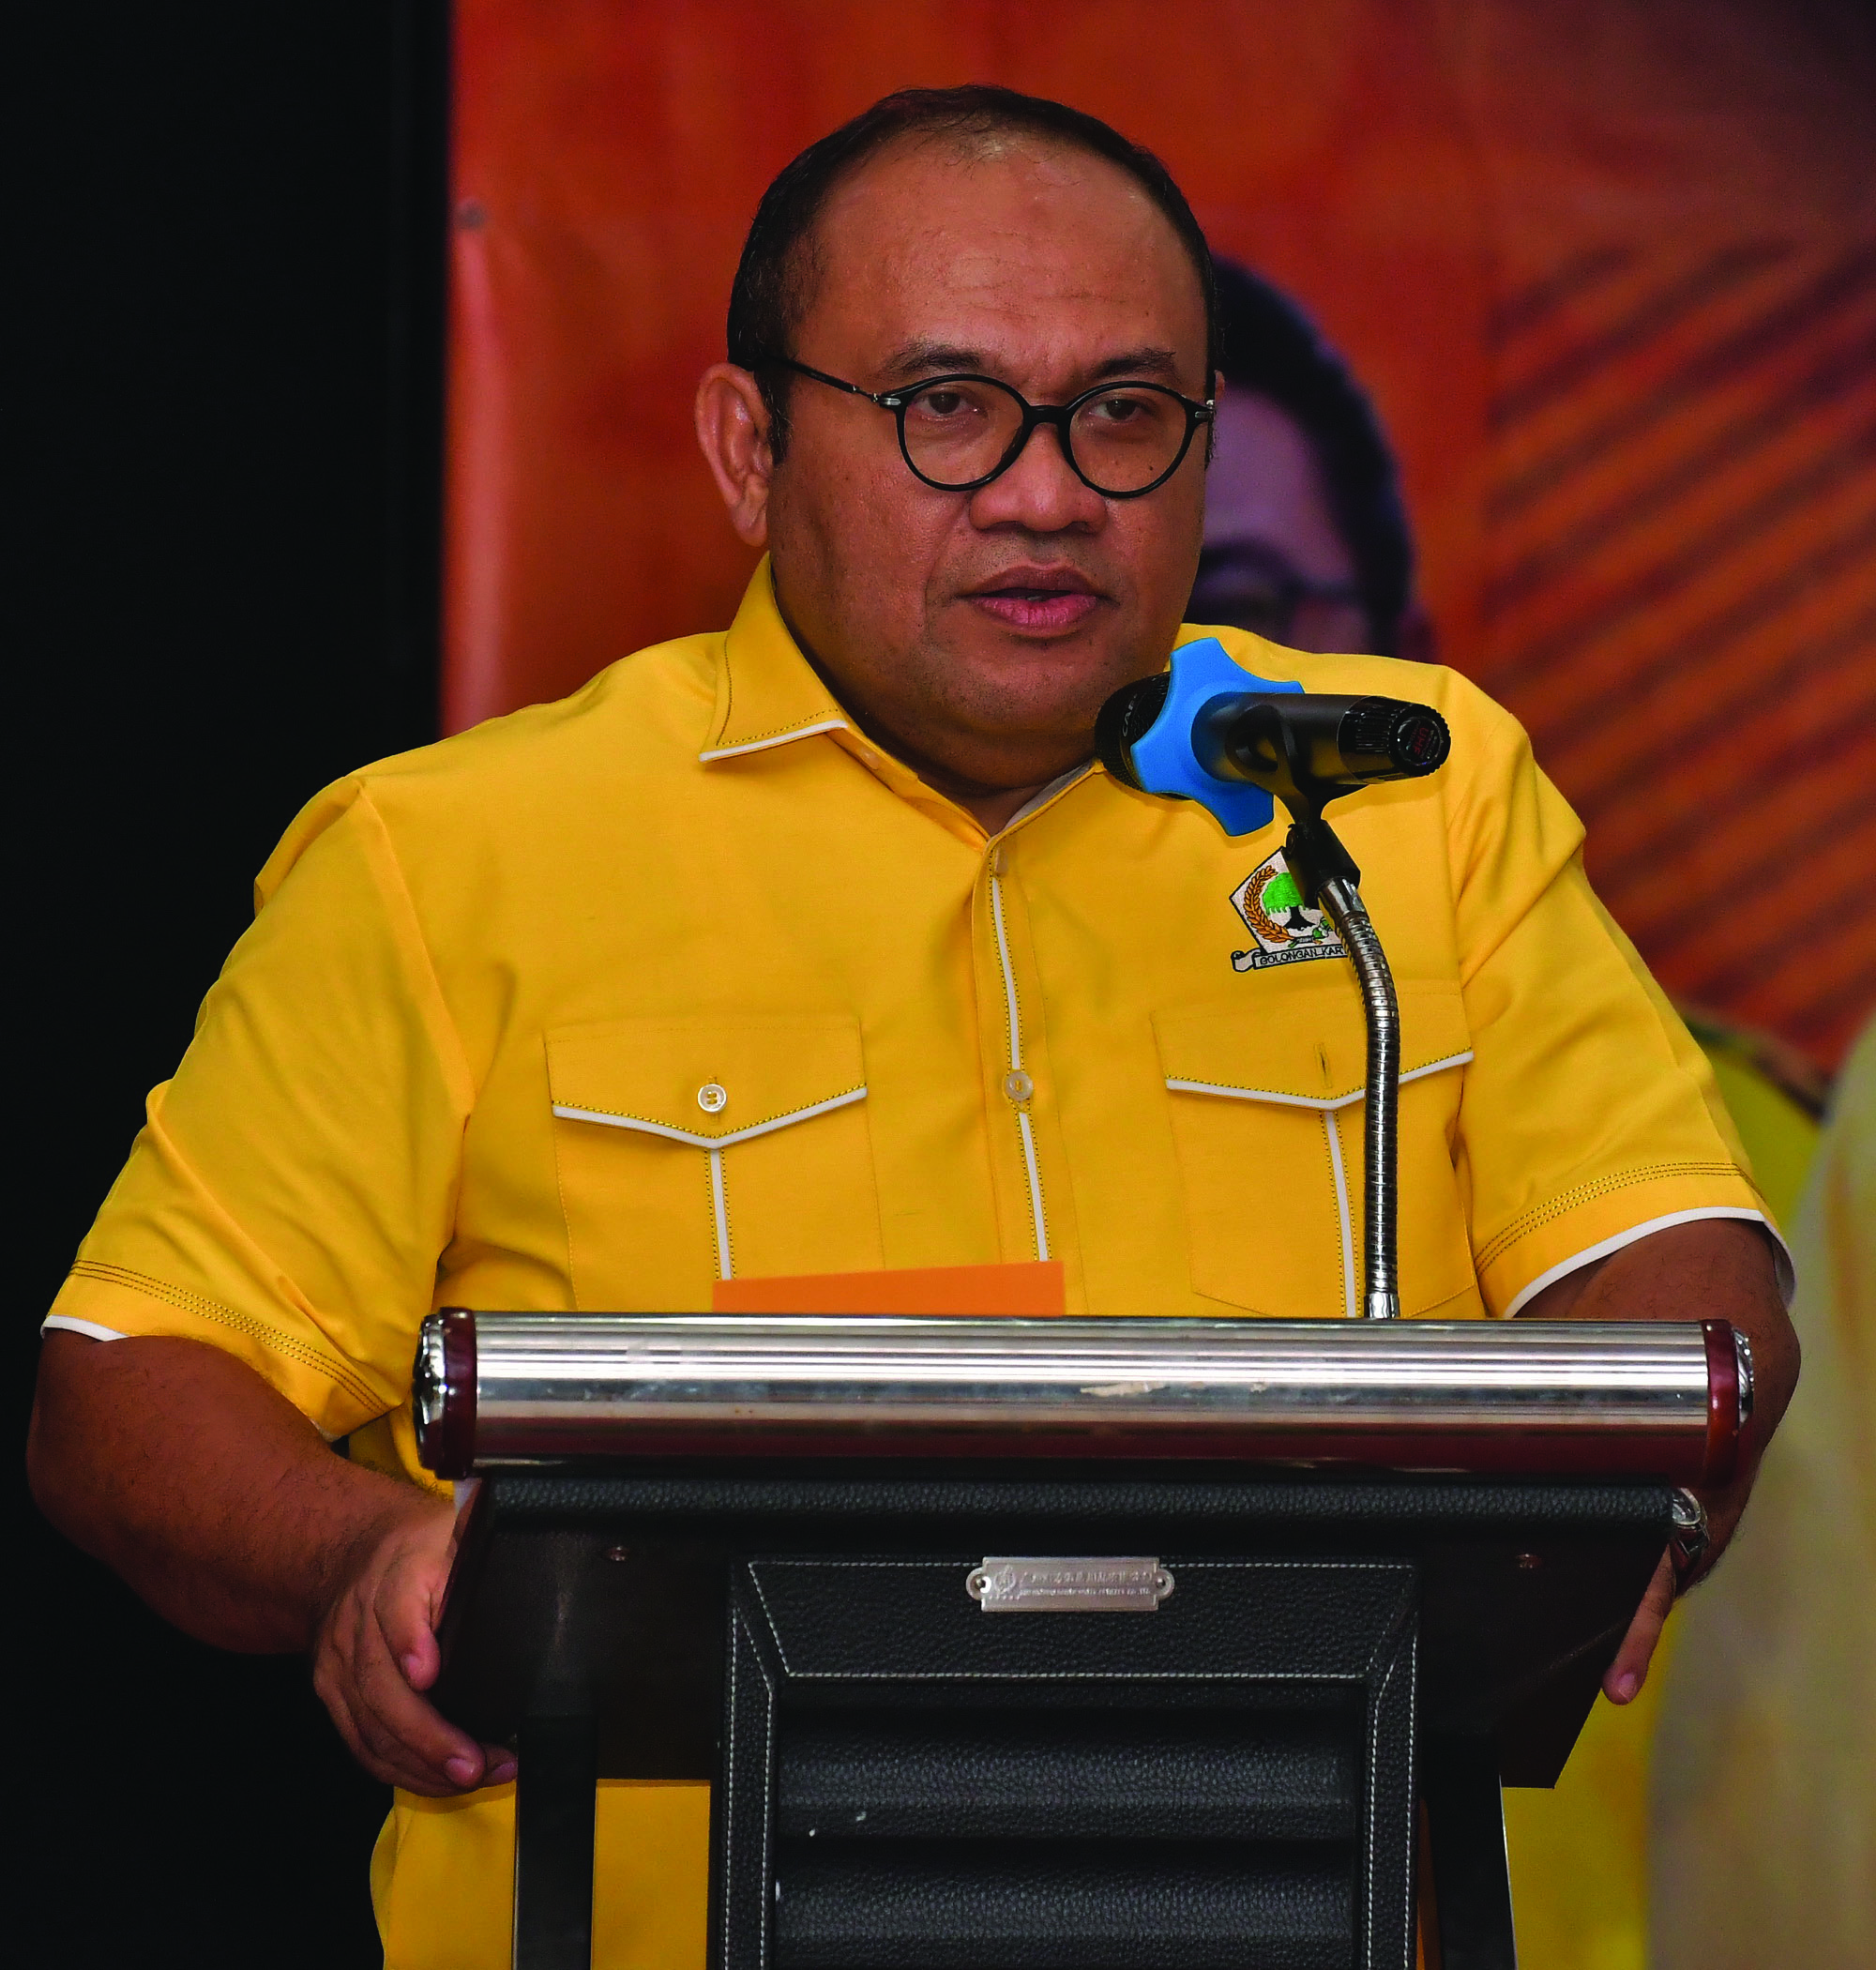 Ketua Bidang Organisasi dan Daerah DPP Partai Golkar, Taufik Hidayat